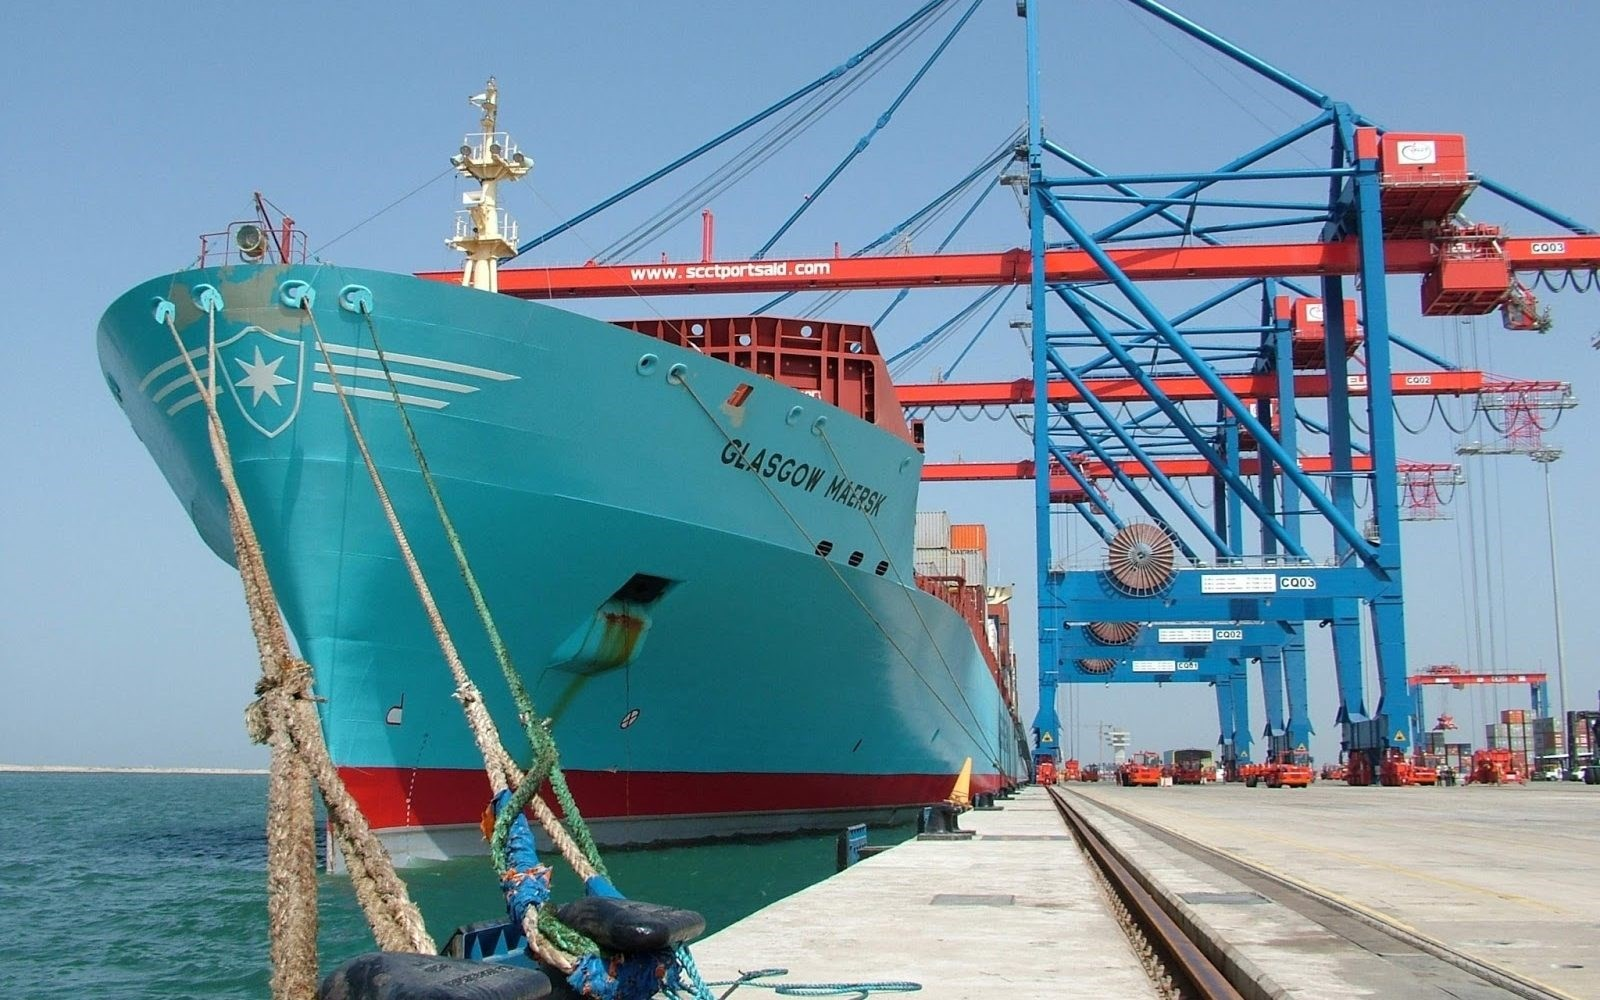 البحر الأحمر من أكثر الممرات الملاحية ازدحاماً في العالم وتعبره آلاف السفن سنوياً